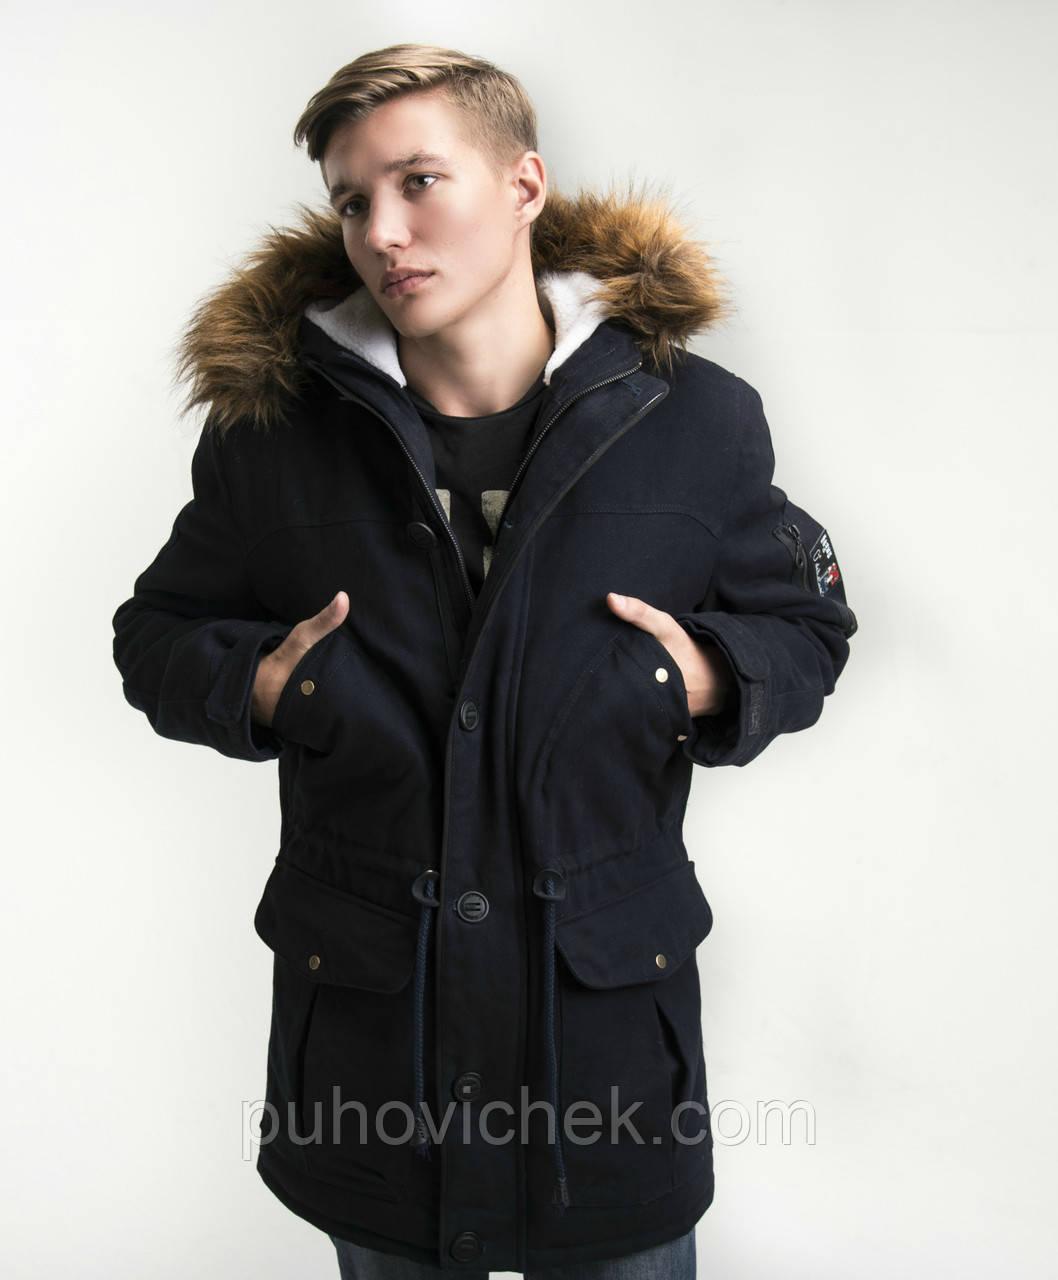 86f919fdec9 Куртки Парки Мужские Зимние Фото